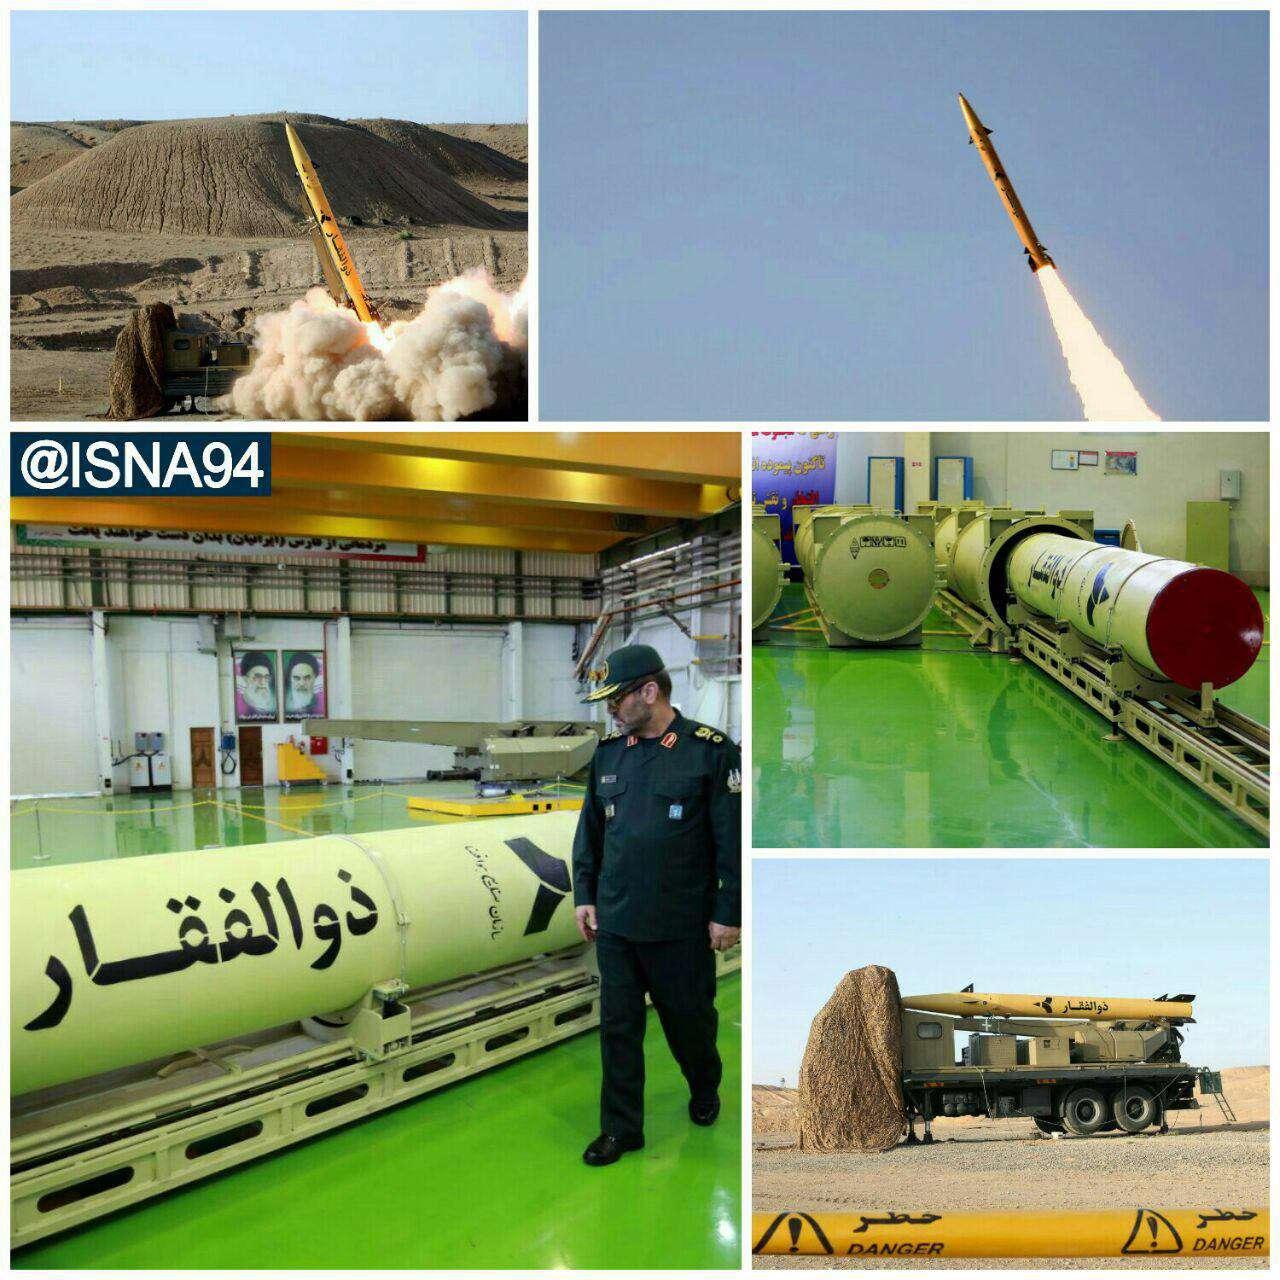 تصاویری از افتتاح خط توليد موشك ذوالفقار، نخستين موشك سوخت جامد نقطهزن با برد 700 کیلومتر